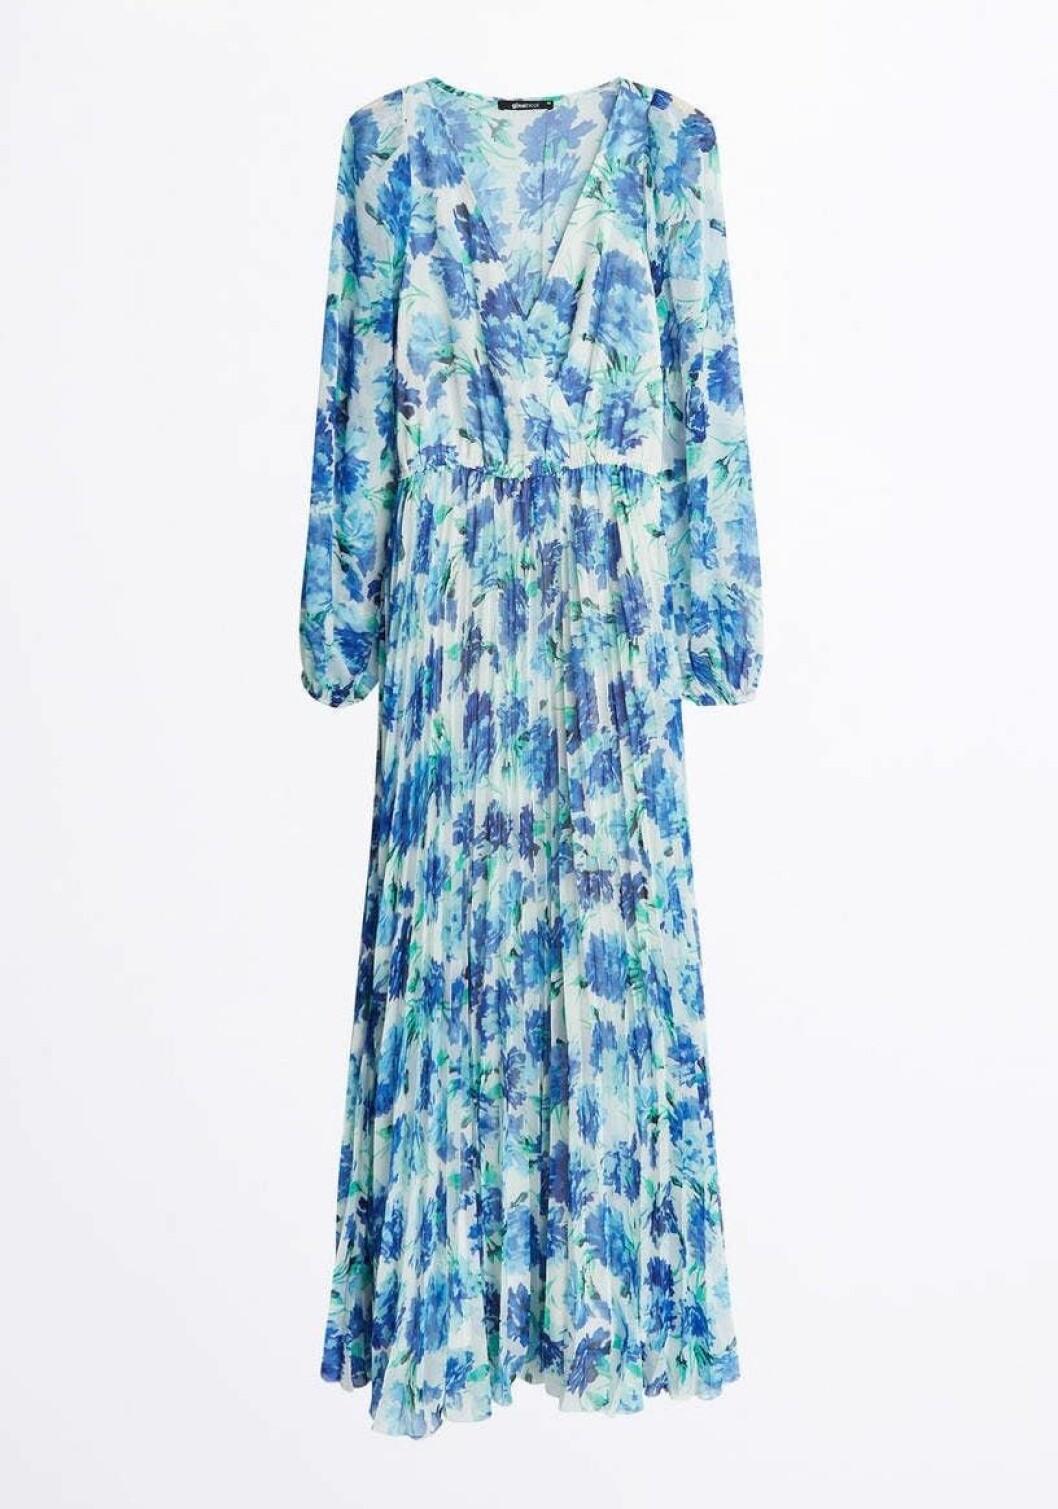 Blommig blå klänning med lång ärm till 2020